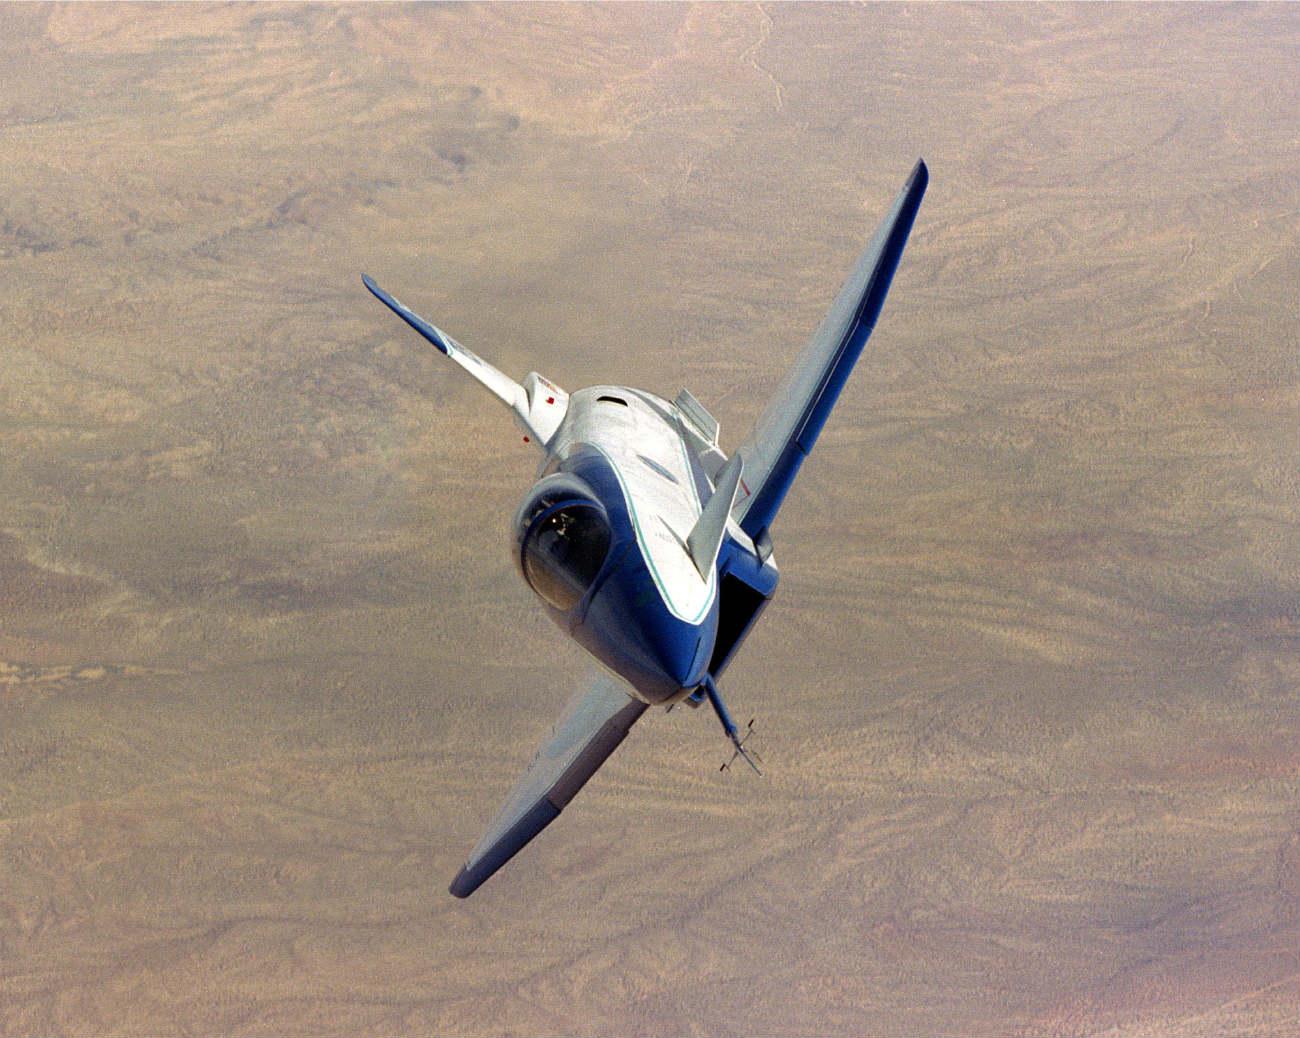 X-31 cruising altitude